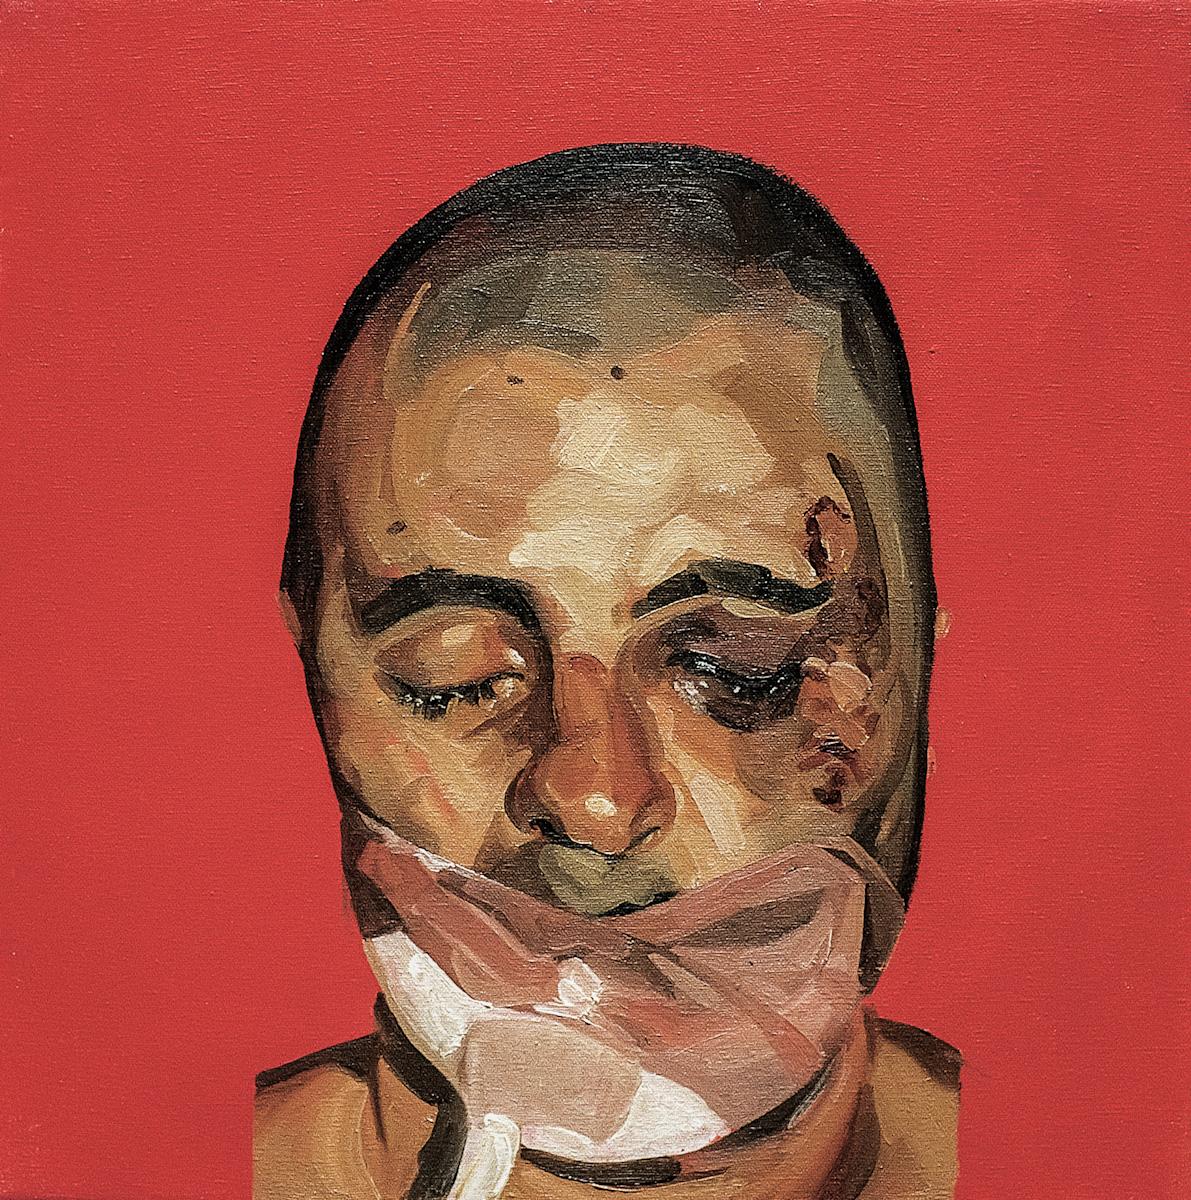 Mark Gilbert, Chris P.I, 1999–2000, olej / płótno, 45,72 × 45,72 cm, dzięki uprzejmości Saving Faces, Mark Gilbert, Professor Iain Hutchison